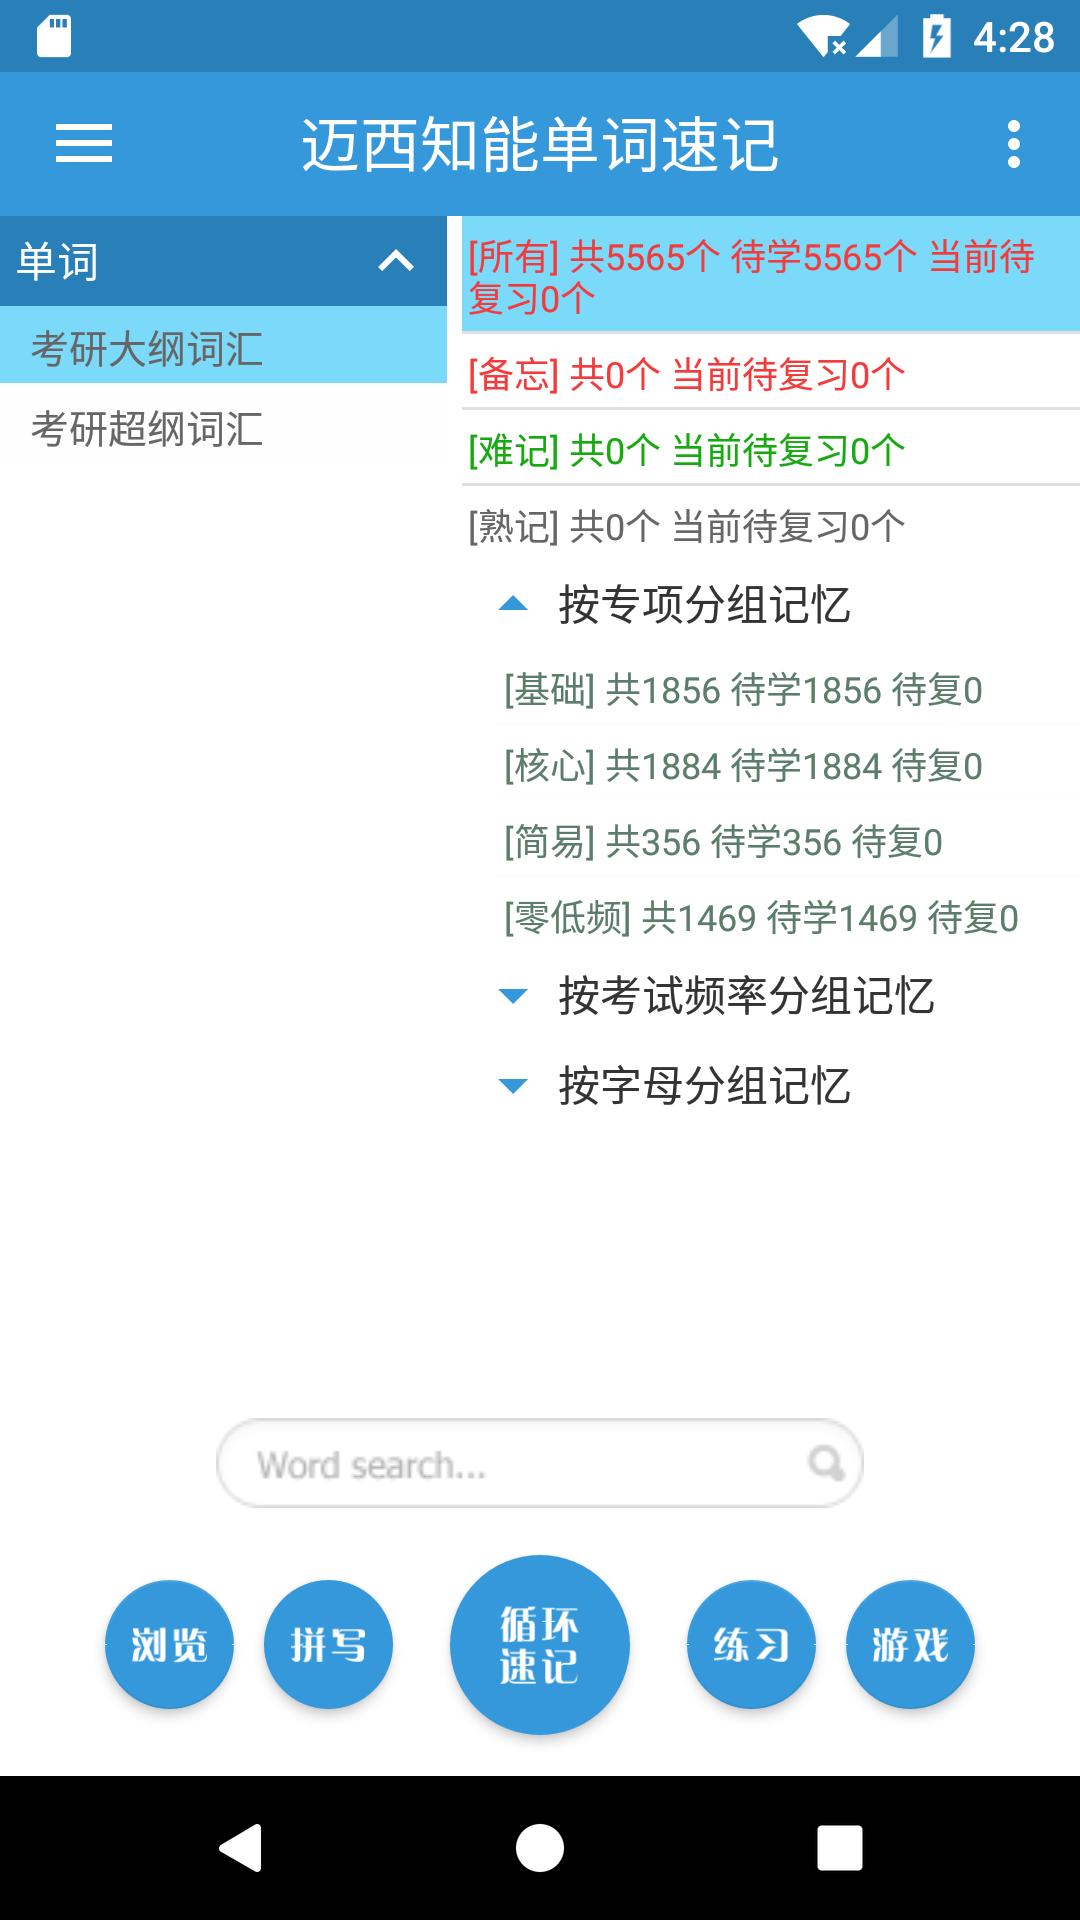 迈西知能背单词手机版下载(暂未上线)